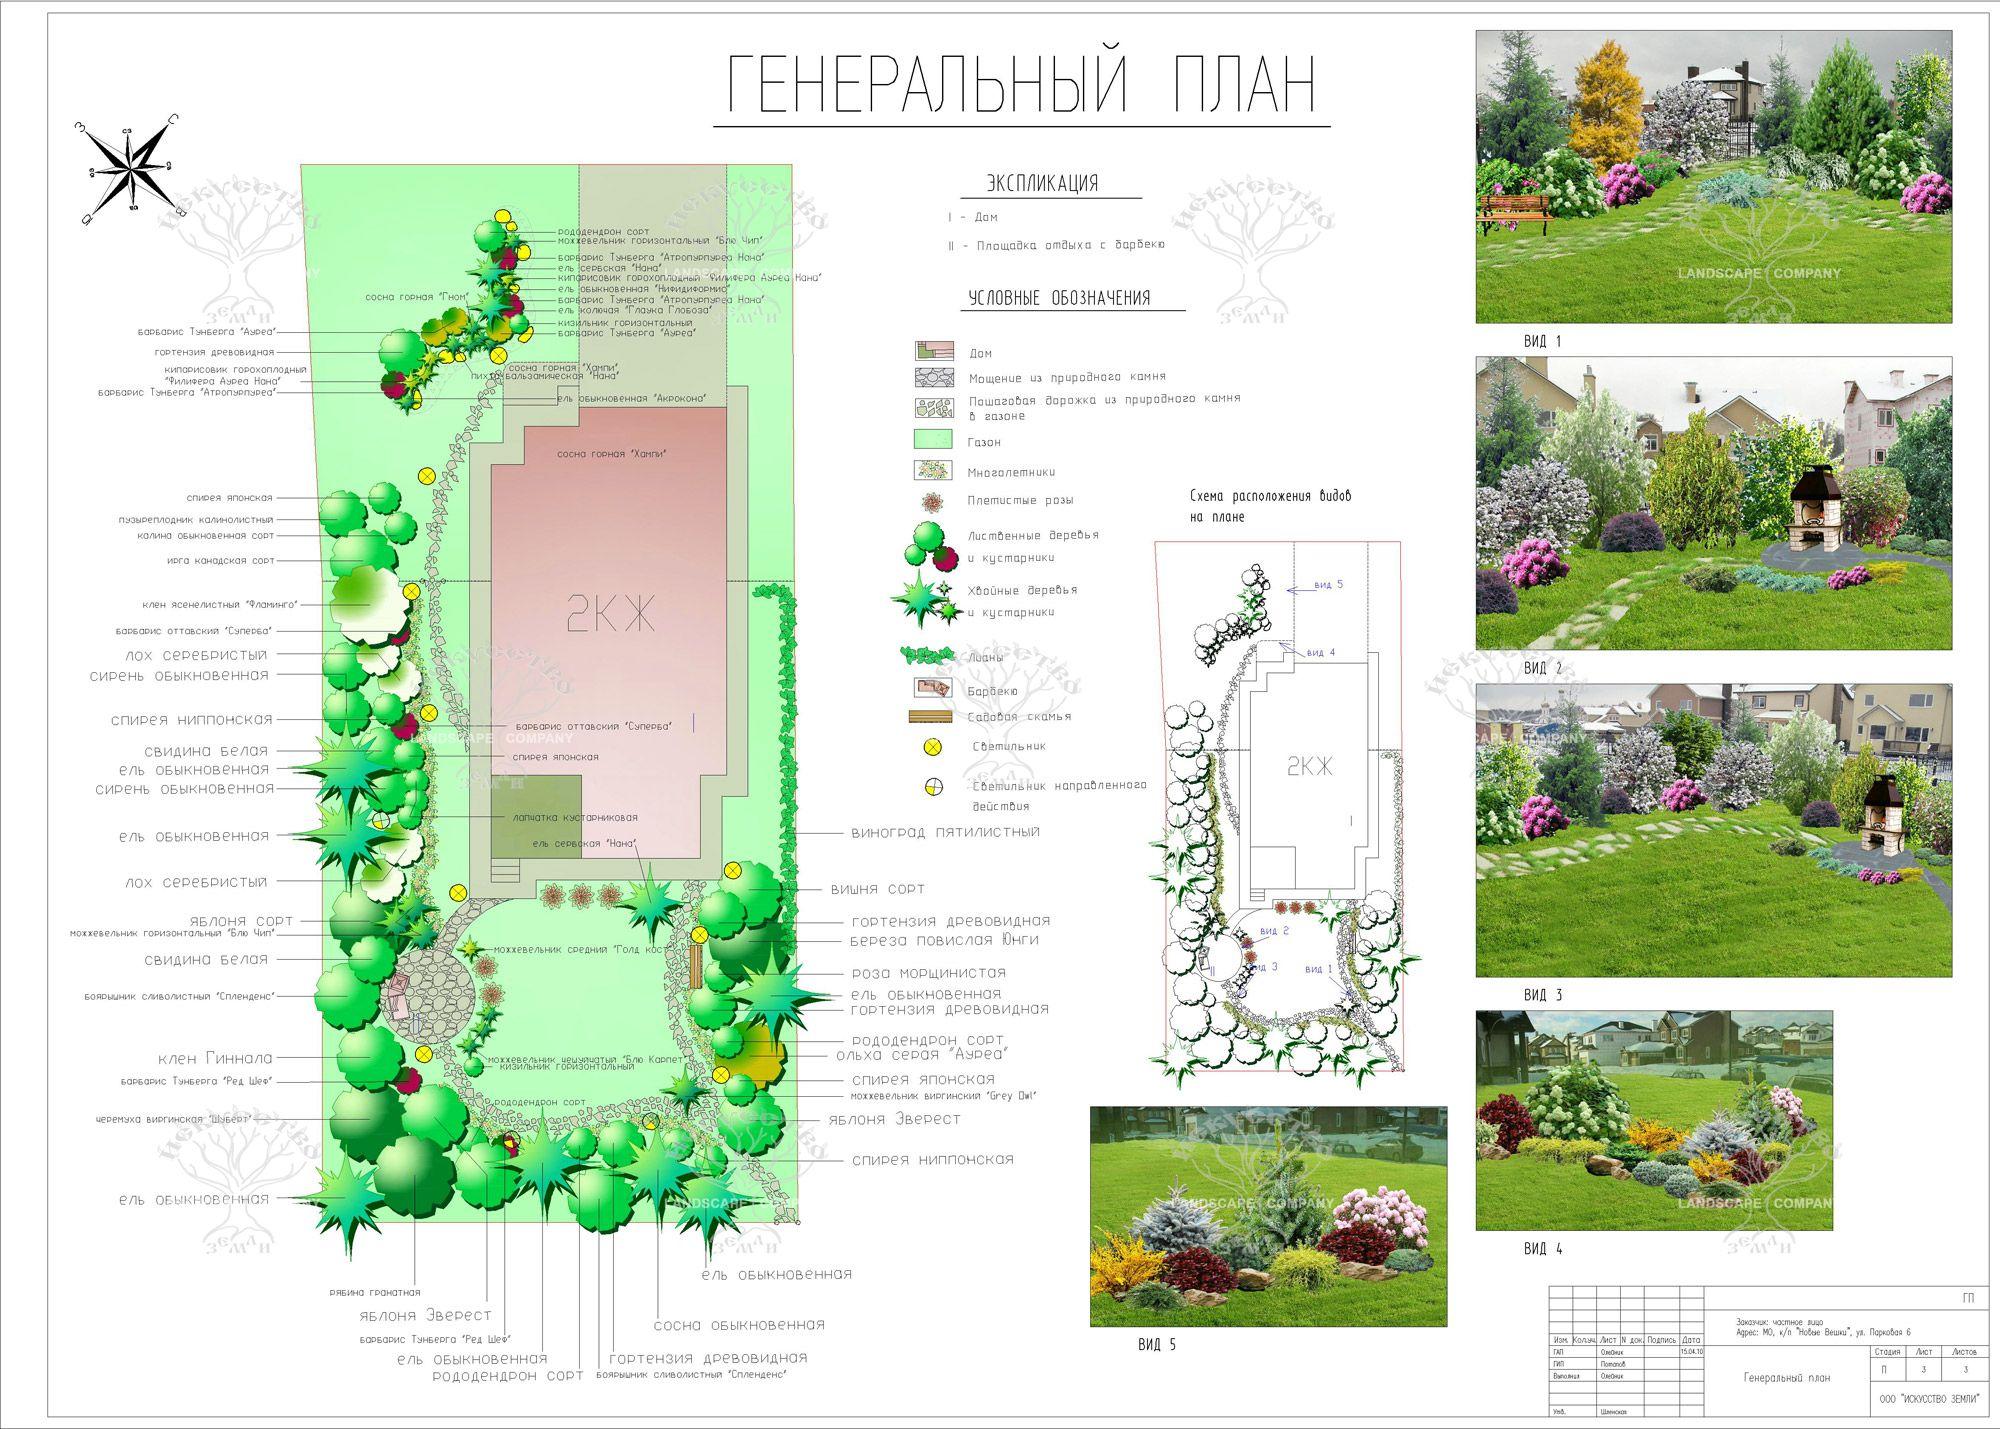 Функциональный анализ в ландшафтном дизайне